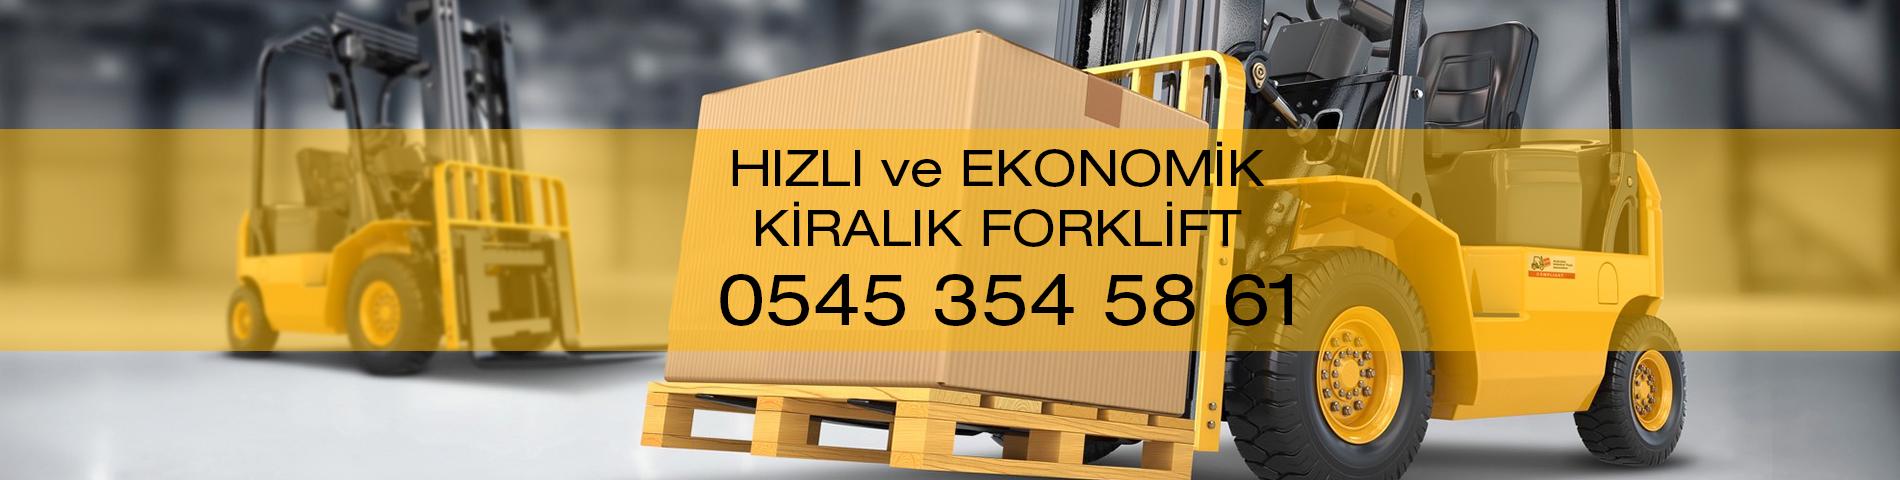 Kiralık Forklift